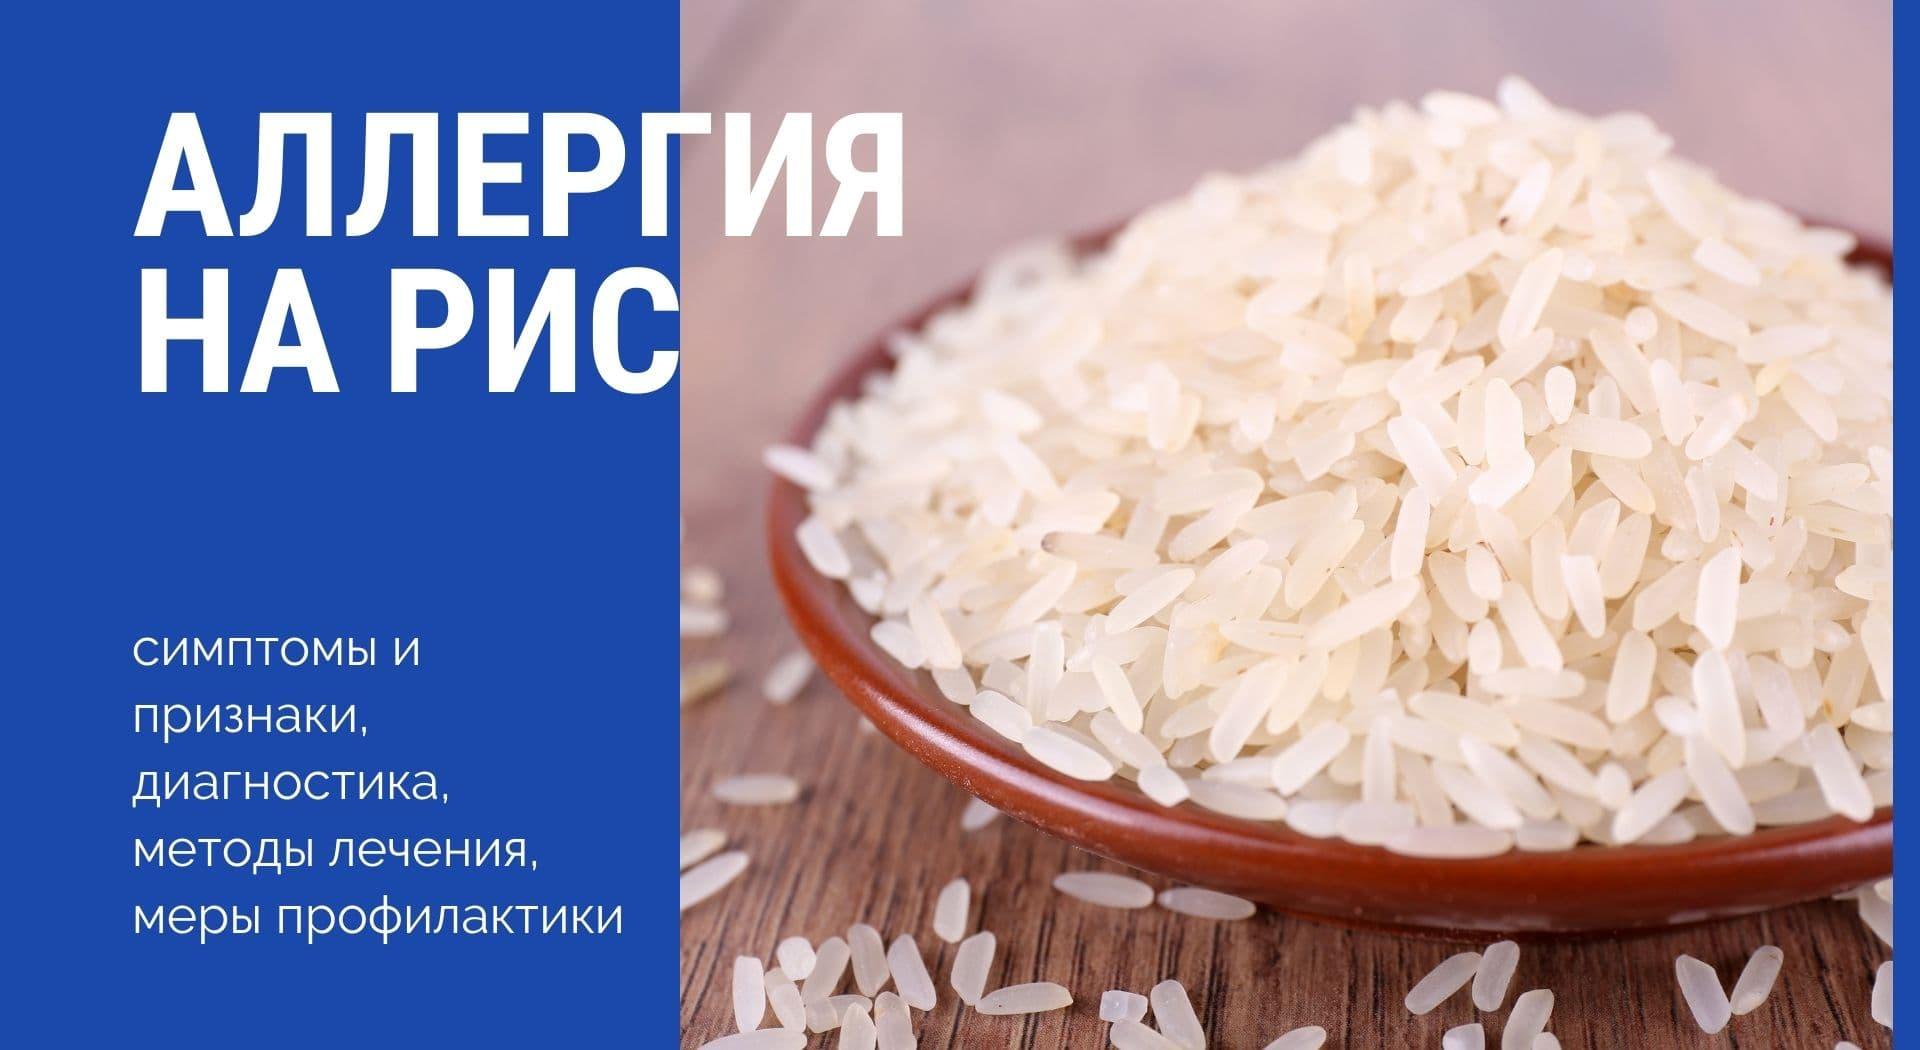 Аллергия на рис: симптомы и признаки, диагностика, методы лечения, меры профилактики